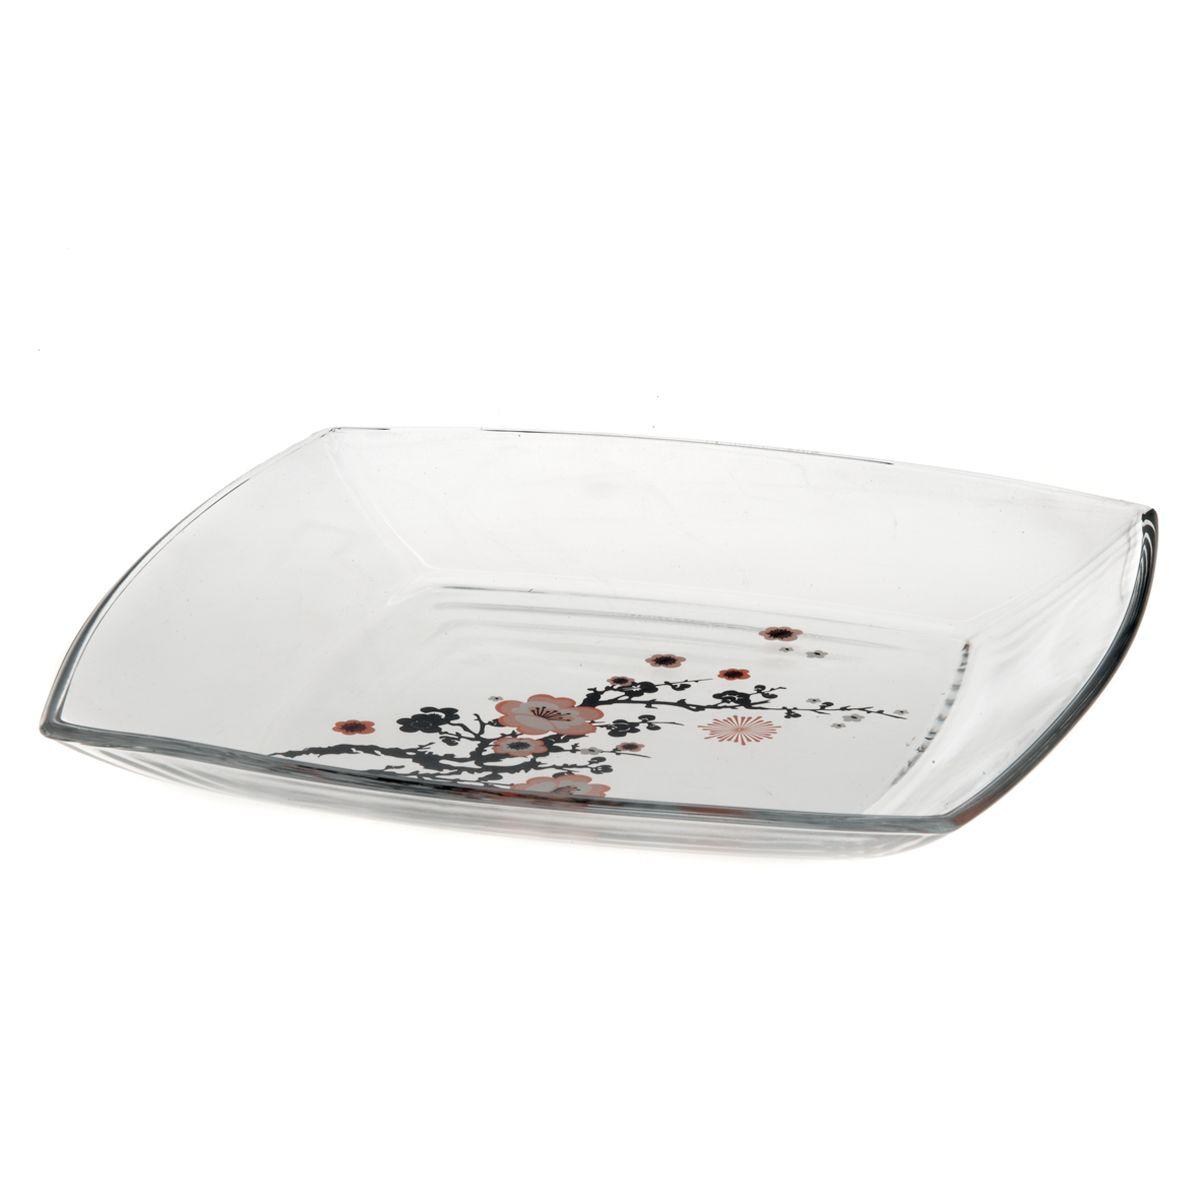 Набор тарелок Pasabahce Workshop Sakura, 26,5 х 26,5 см, 6 шт595-214Набор Pasabahce Workshop Sakura состоит из шести квадратных тарелок, выполненных иззакаленного стекла. Тарелки декорированы изображением ветки сакуры. Они сочетают в себеизысканный дизайн с максимальной функциональностью. Оригинальность оформления тарелокпридется по вкусу и ценителям классики, и тем, кто предпочитает утонченность и изящность.Набор тарелок Pasabahce Workshop Sakura послужит отличным подарком к любому празднику.Можно использовать в морозильной камере и микроволновой печи. Можно мыть впосудомоечной машине.Размер тарелки: 26,5 см х 26,5 см.Высота стенок: 2,5 см.